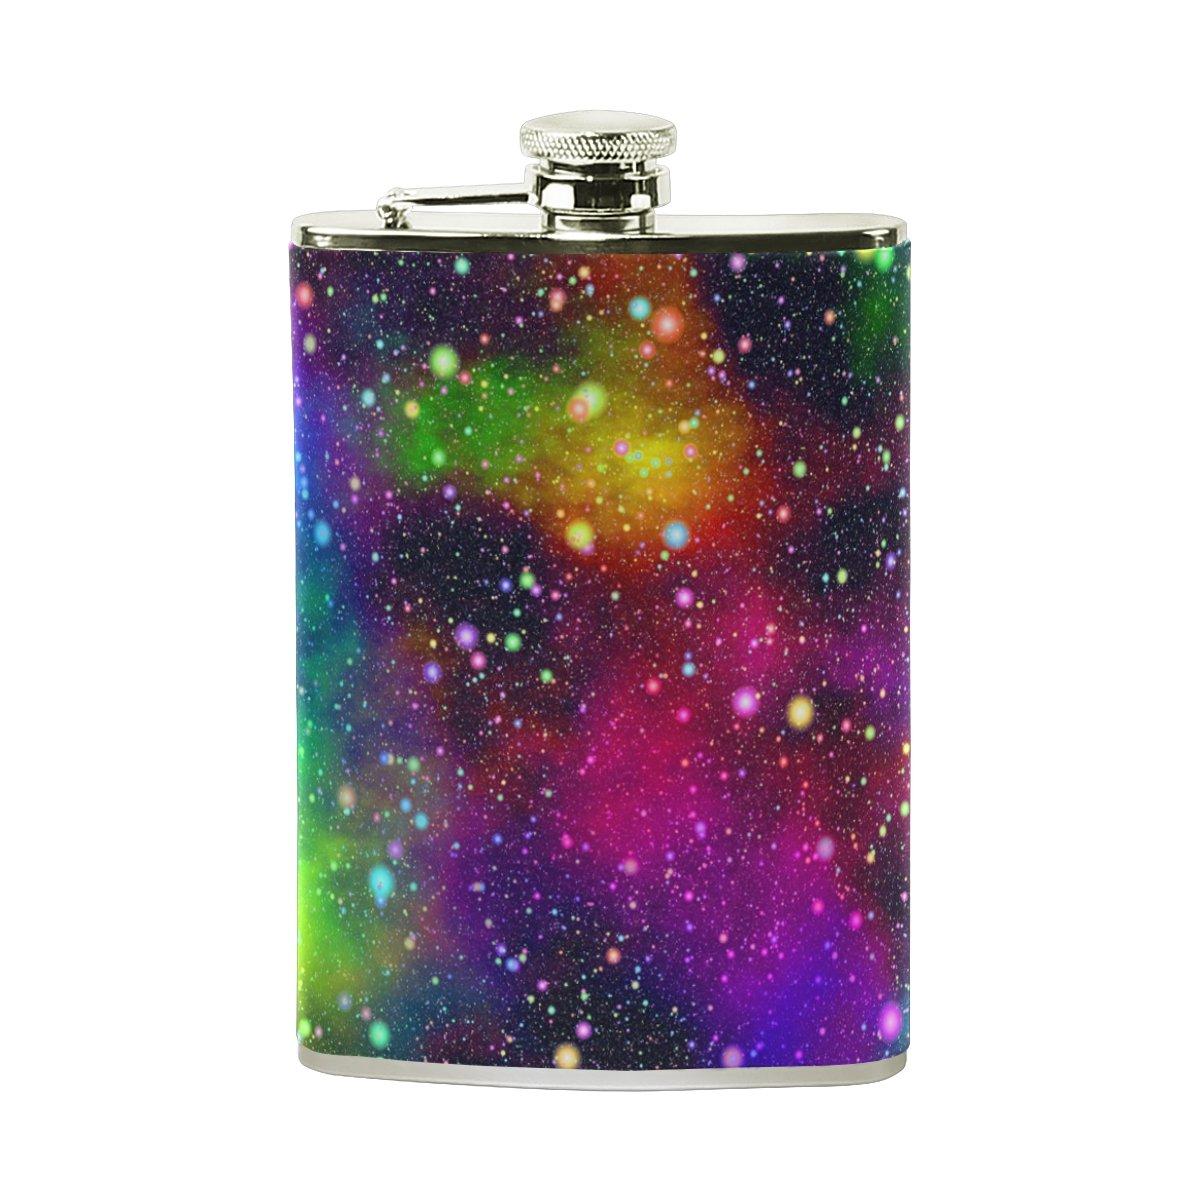 ステンレススチールフラスコ18/8 with Leather Men WrappedカバーUniverse Nebula Starry銀河ポケットヒップフラスコ8 ozギフトfor Men Leather with B07FHXWZHG, ヤストミチョウ:99d40dff --- ijpba.info